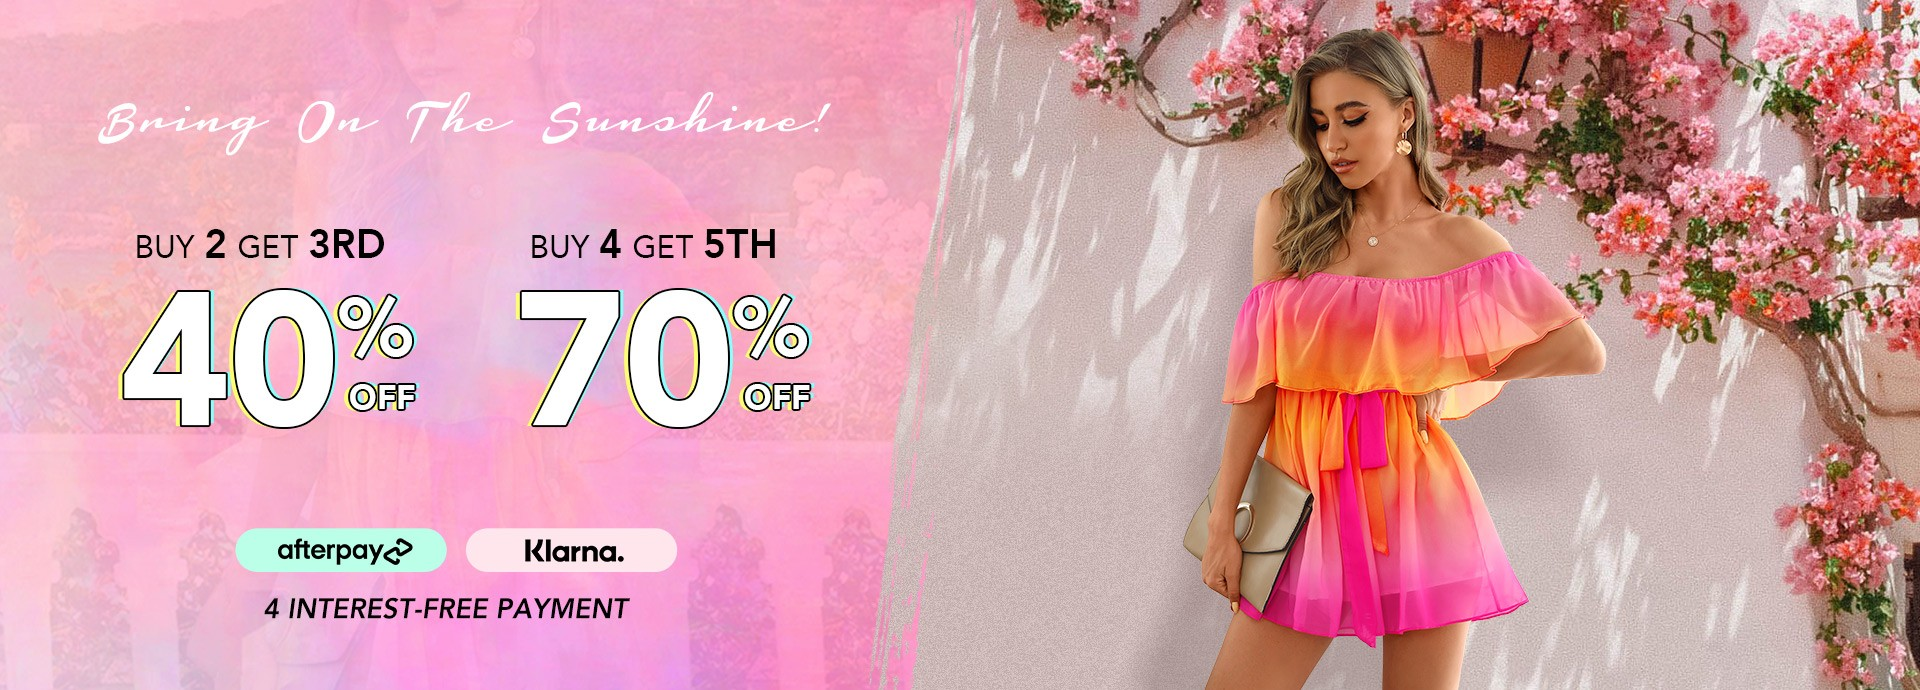 Chic Me: Women's Fashion Online Shopping